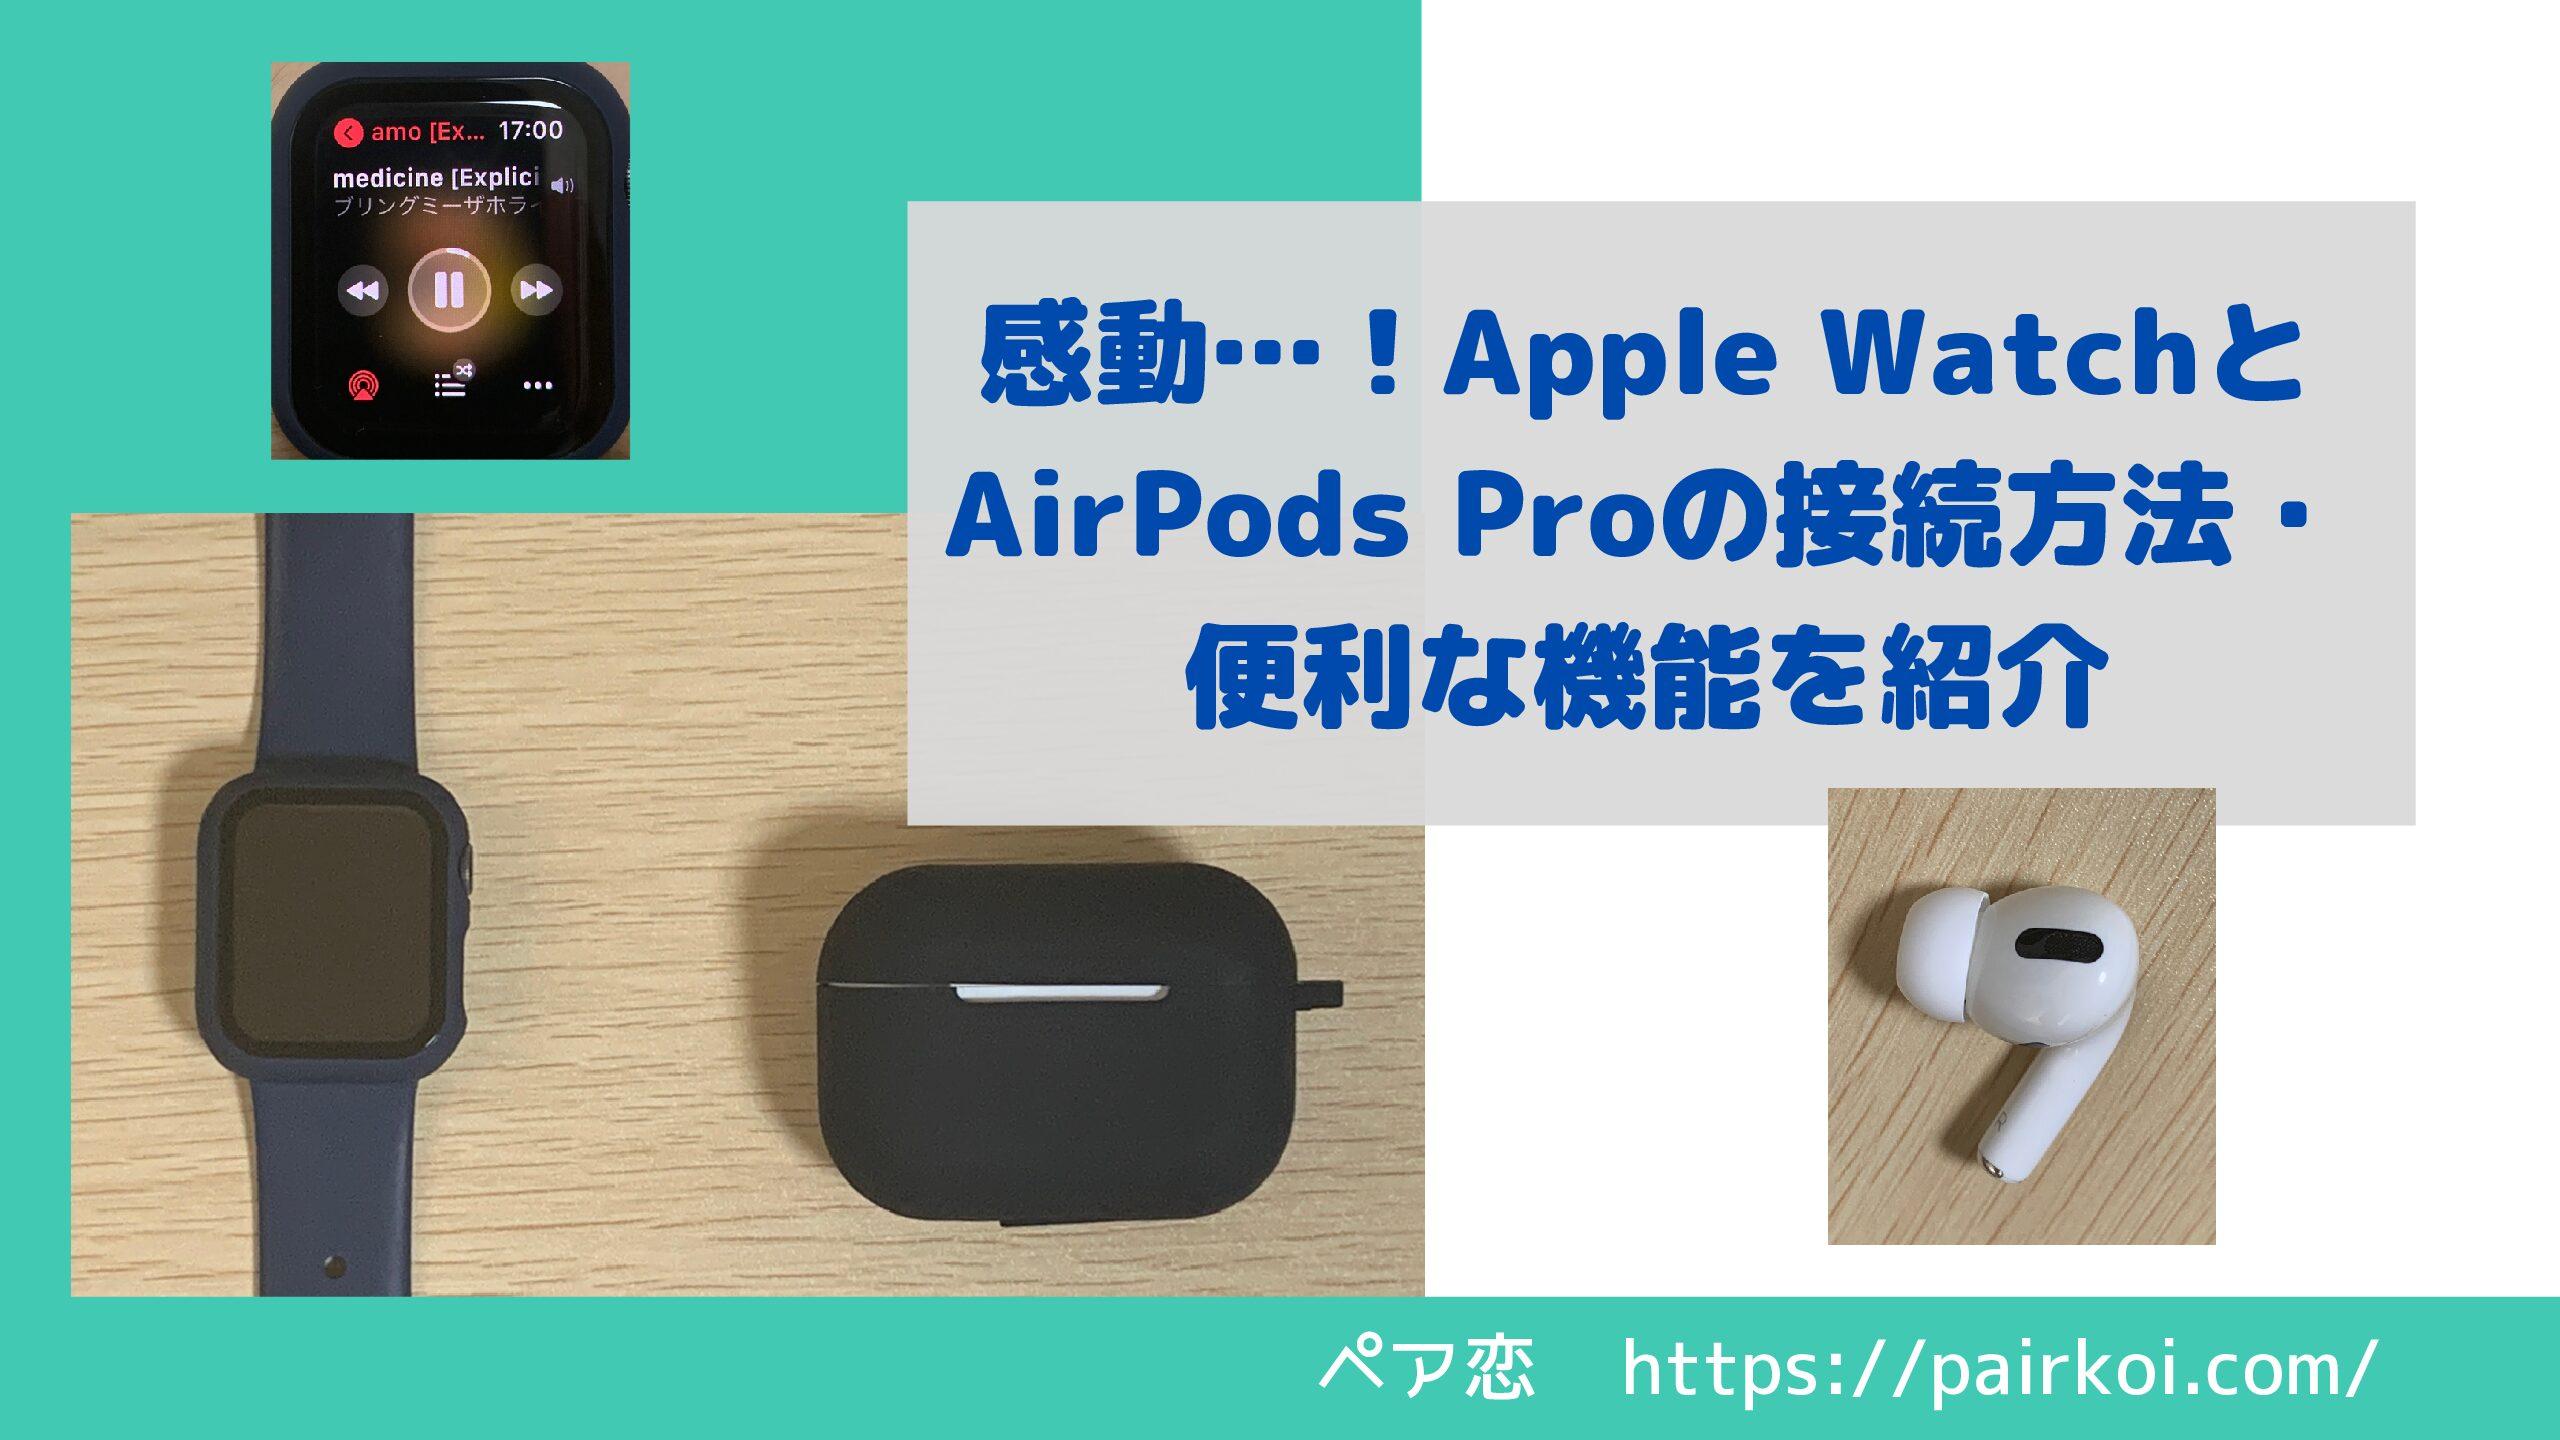 感動…!Apple WatchとAirPods Proの接続方法・便利な機能を紹介